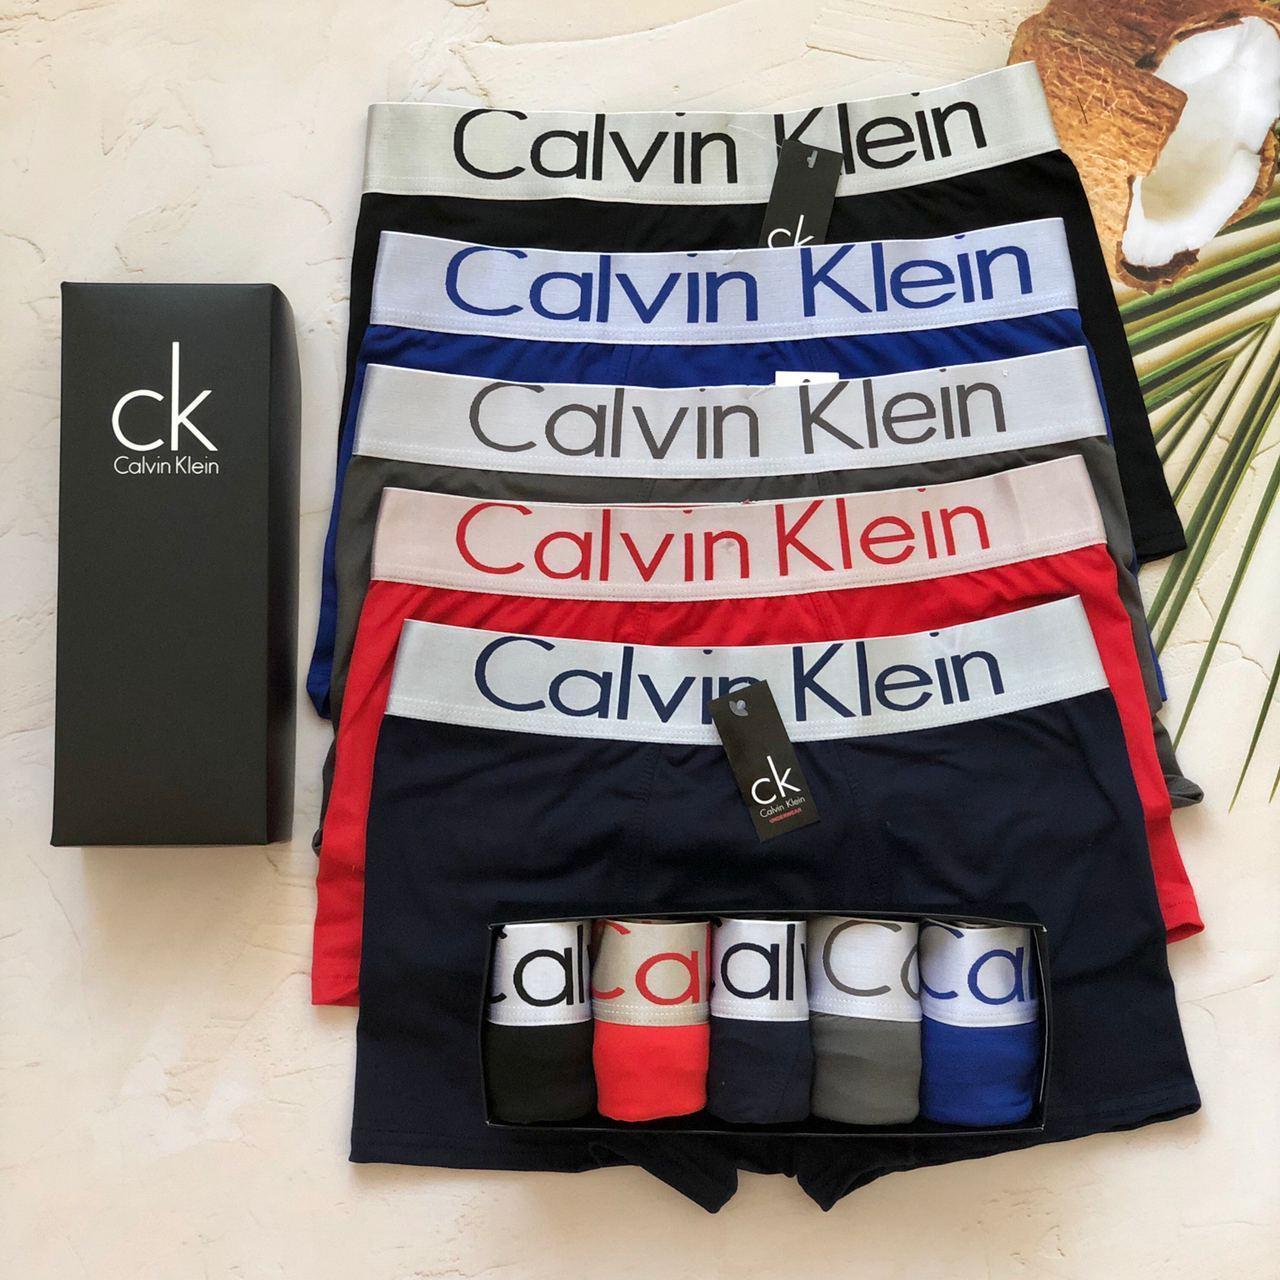 Відмінний набір нижньої білизни Calvin Klein, чоловічі труси Кельвін Кляйн, класичні боксерки 5 шт. Репліка!